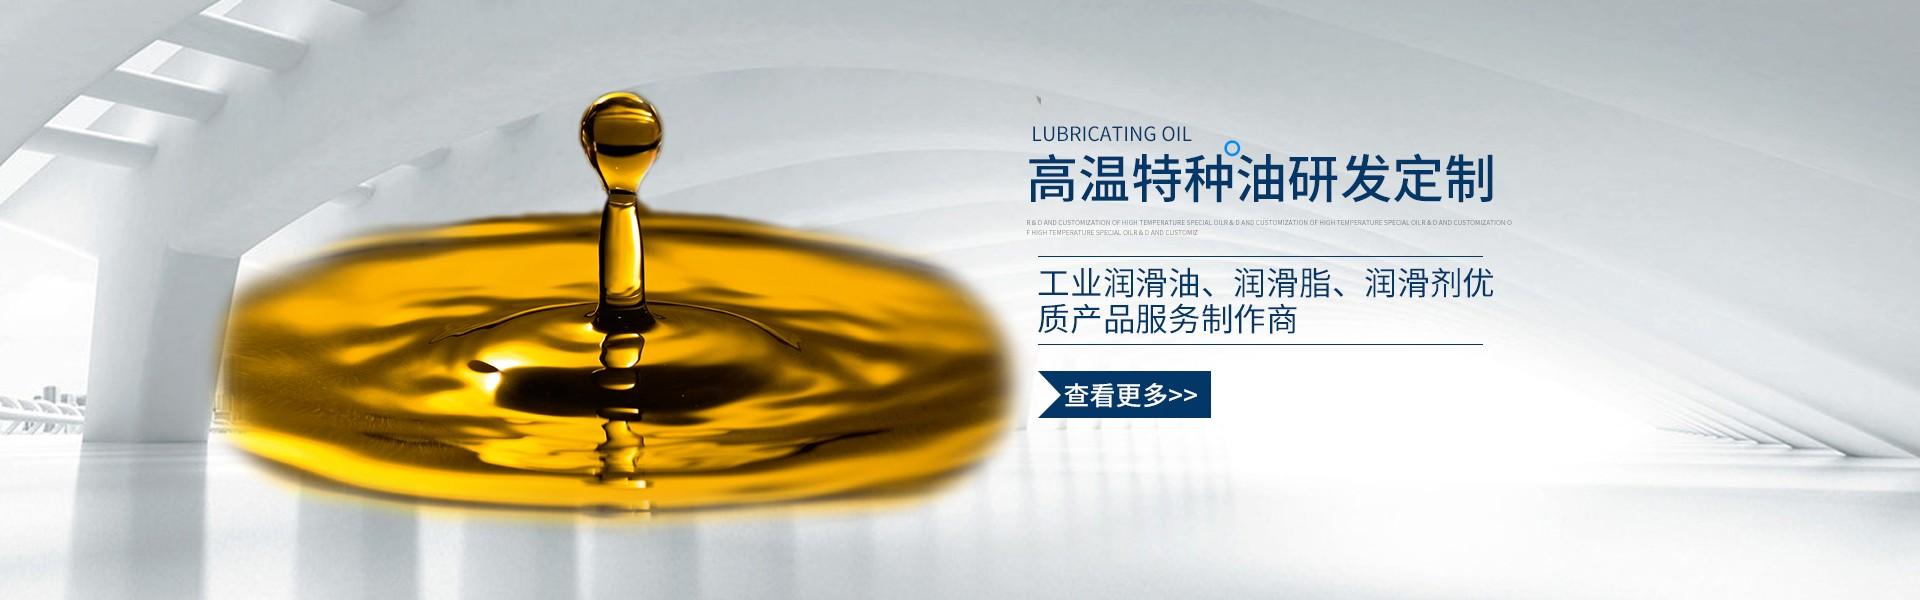 金属加工液占工业润滑油市场的比重为多少